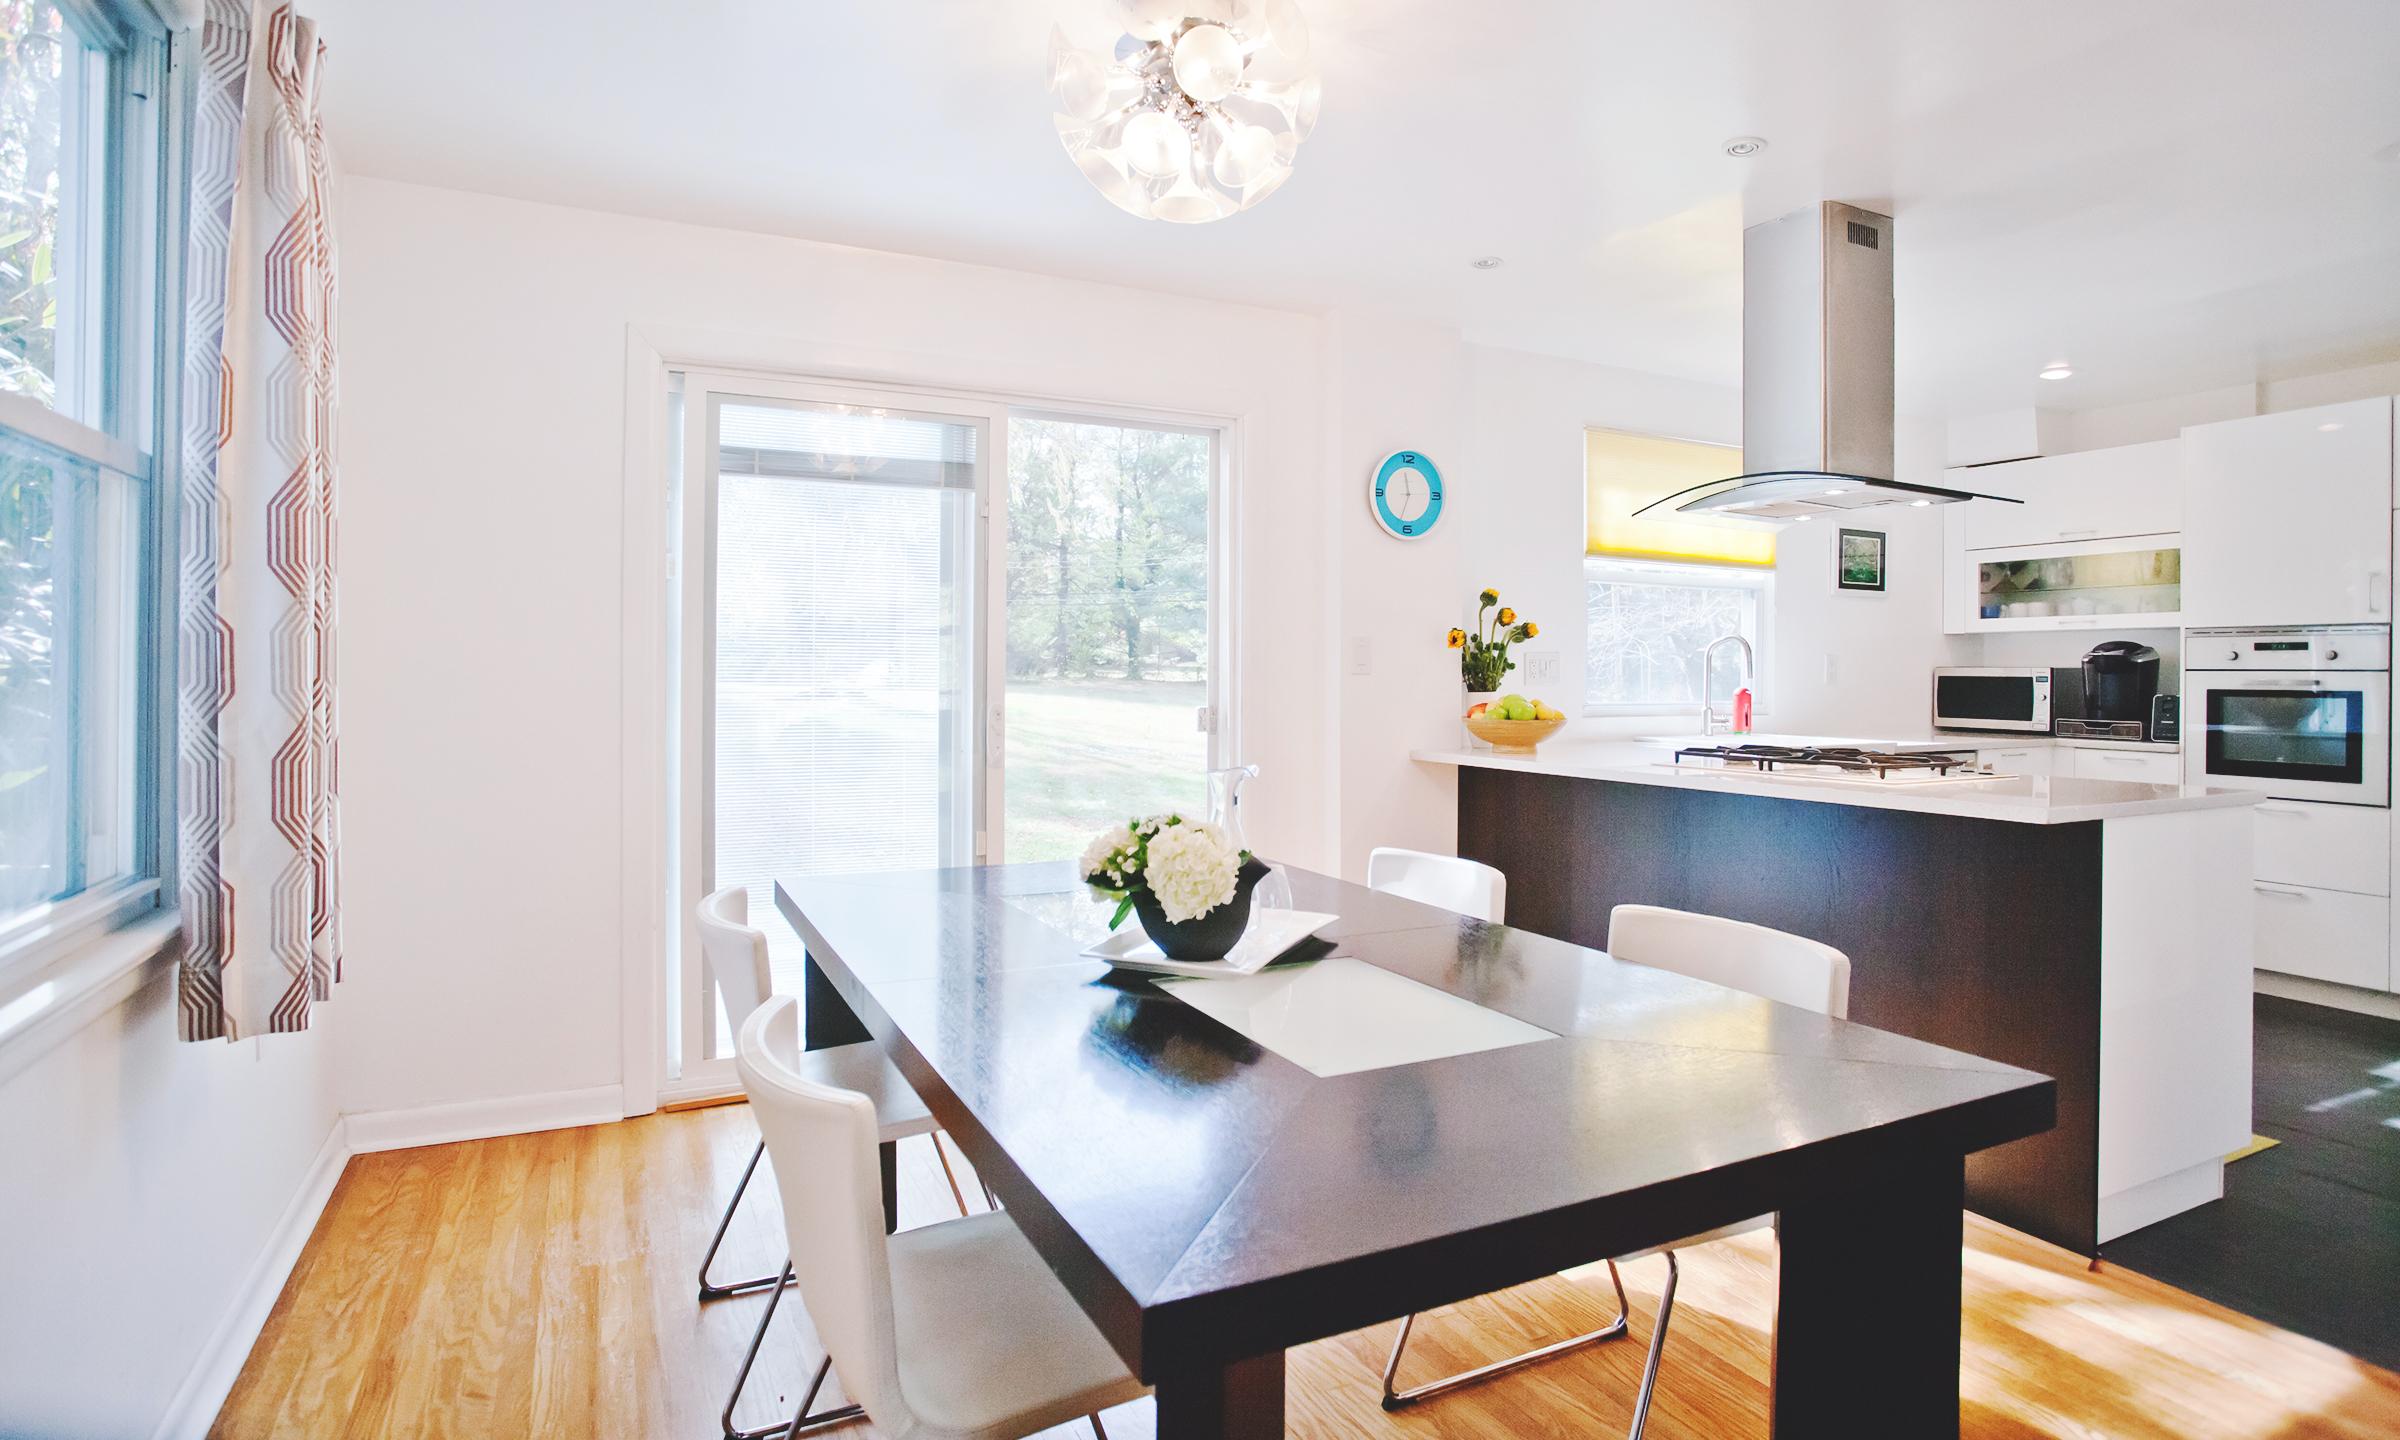 mw-interior-clips-2400px-kitchen04.jpg